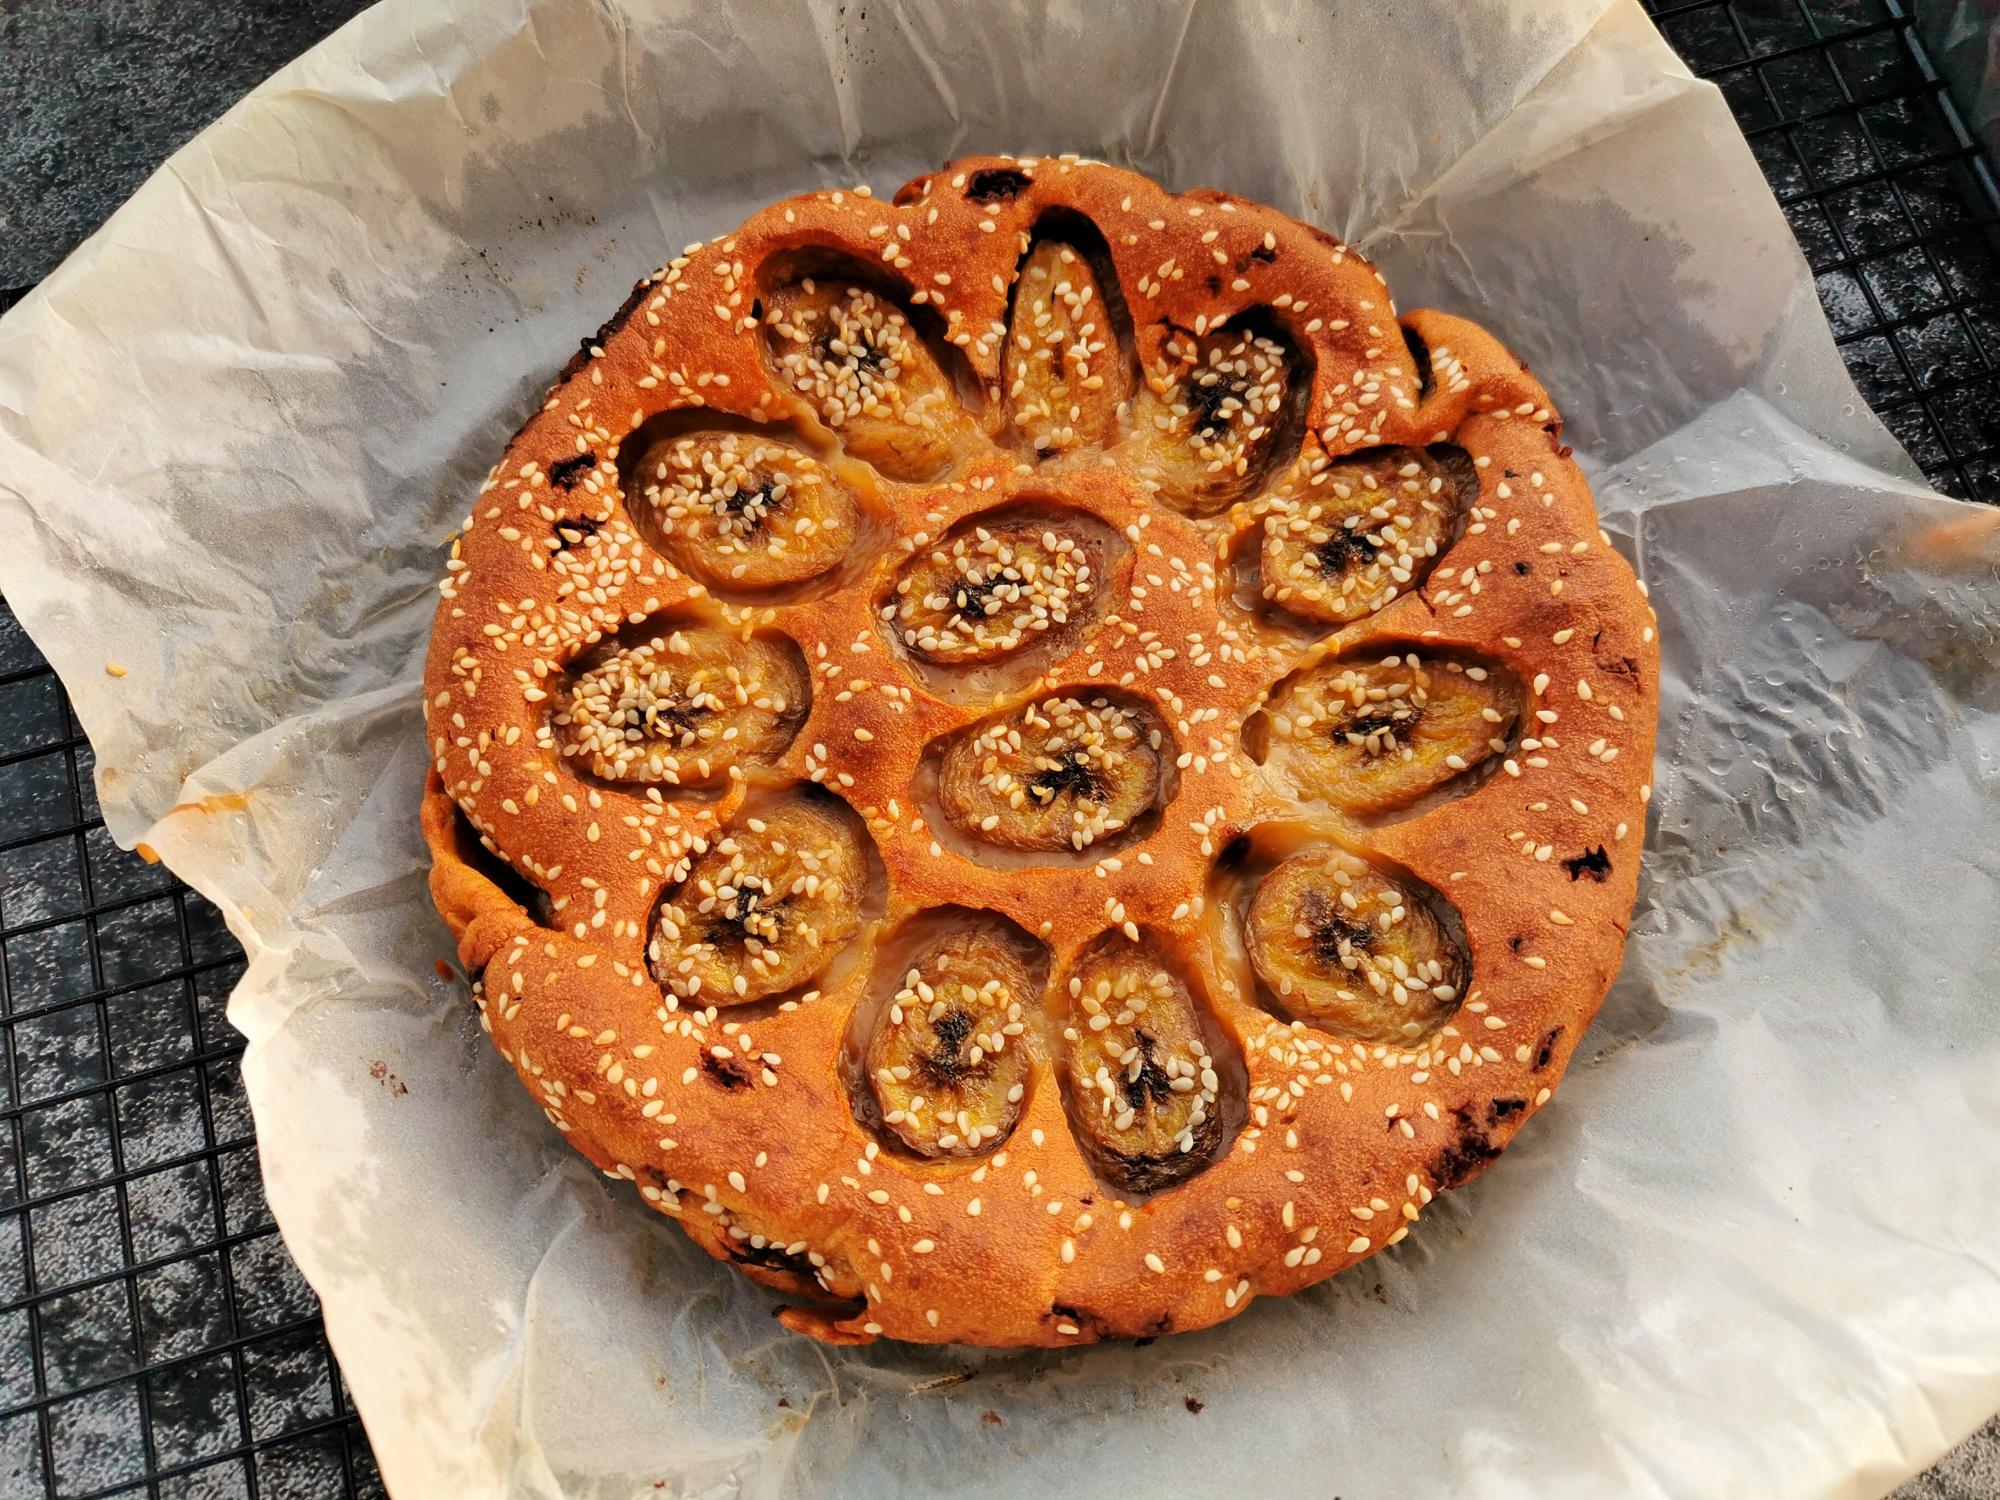 自製香蕉紅糖烤年糕,不用揉麵不用蒸,外脆裡糯,解饞暖胃寓意好